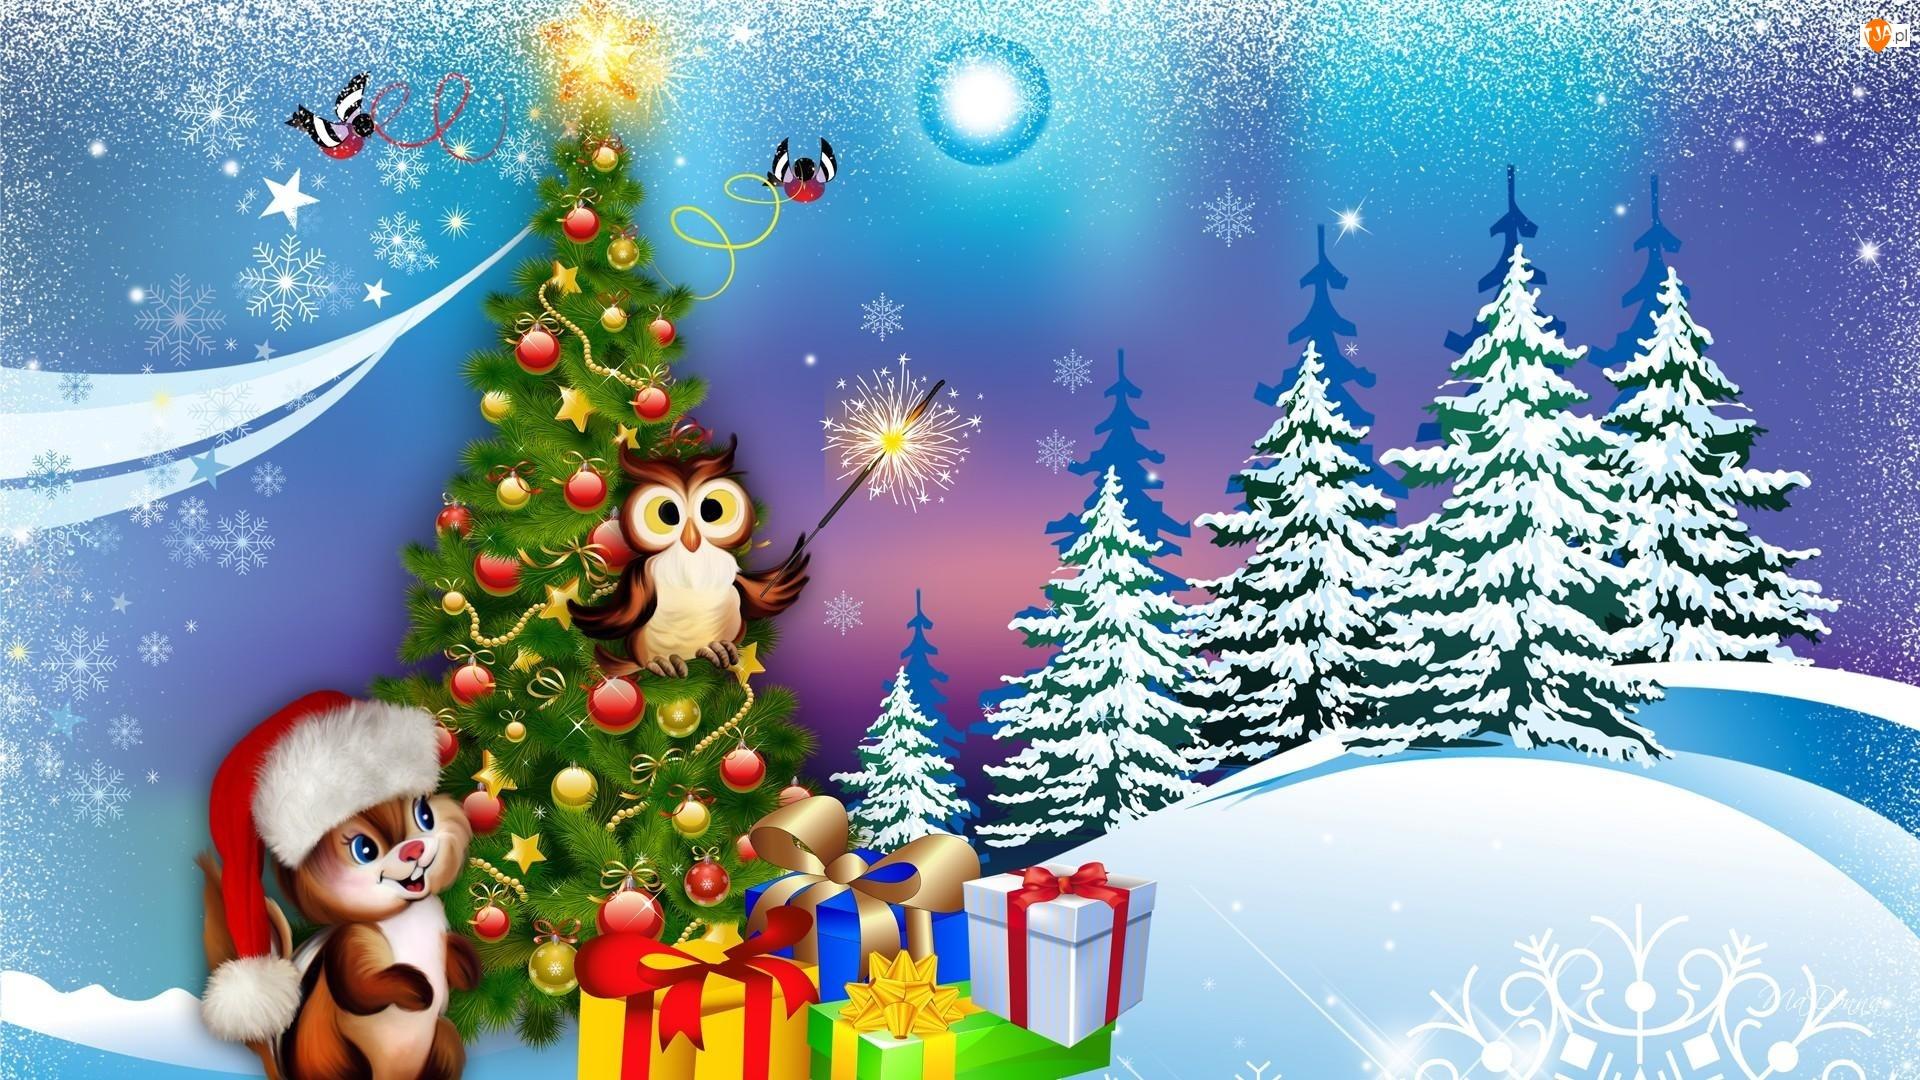 śnieg, choinka, sowa, boże narodzenie, prezenty